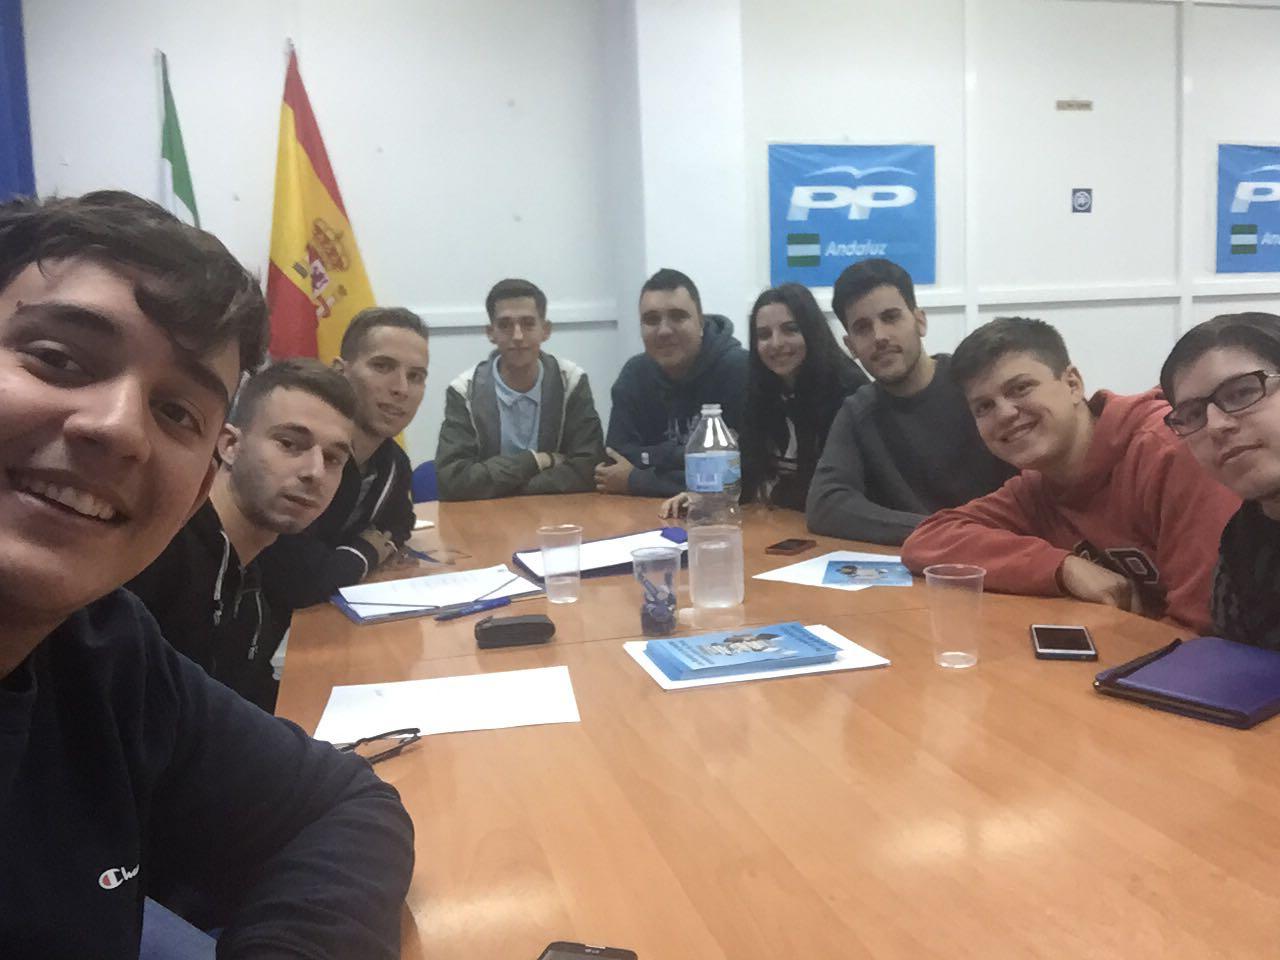 Nuevas Generaciones trabajando por Alcalá y el nuevo Instituto – ¿Nos ayudas?